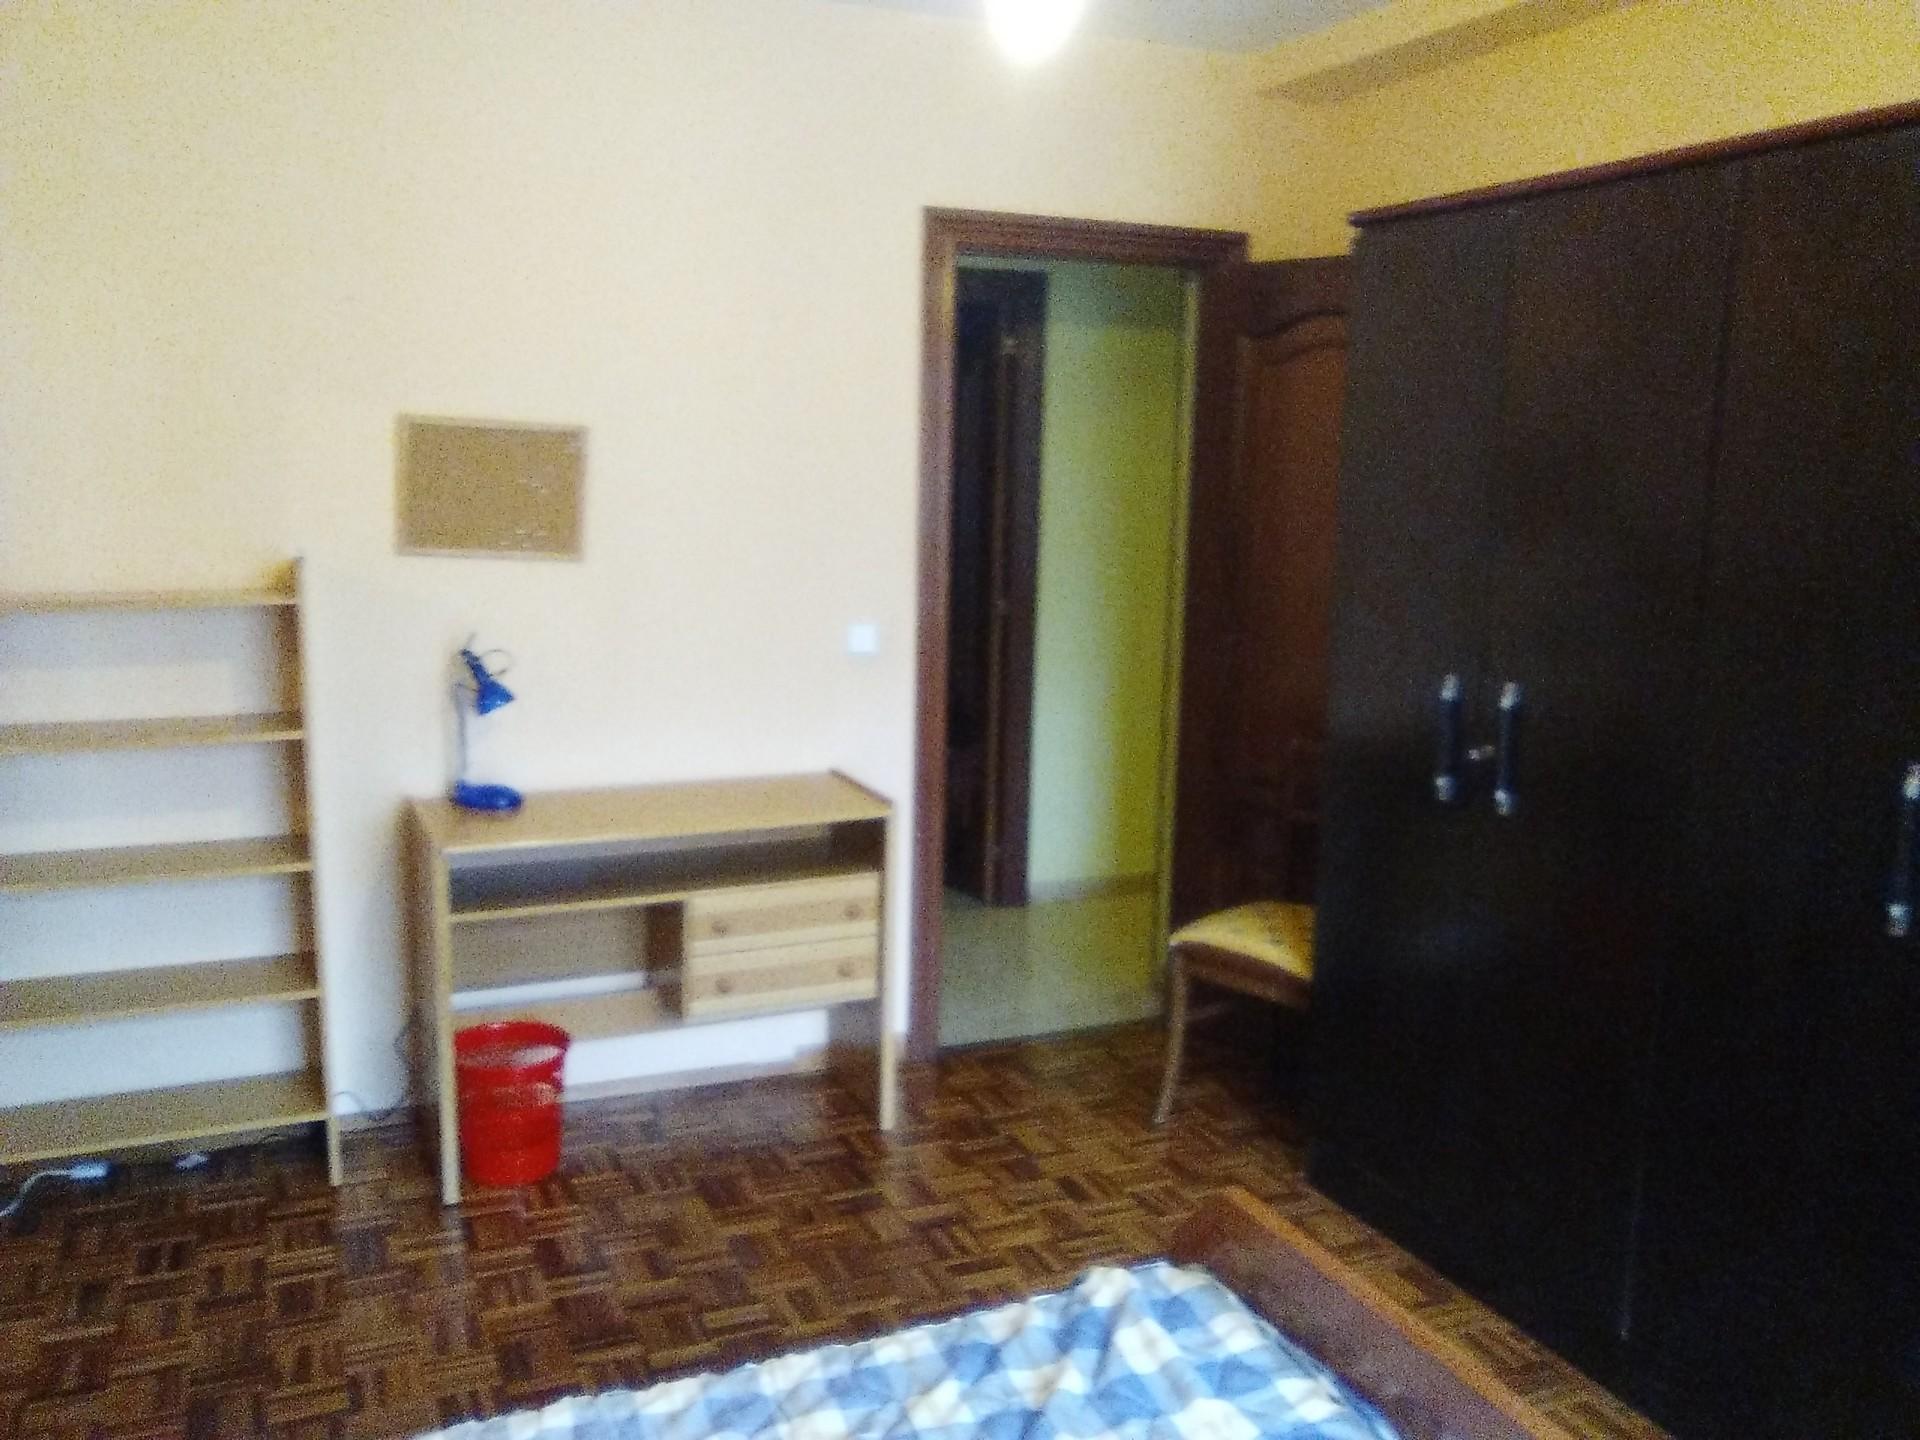 se alquila habitacion en piso compartido para curs